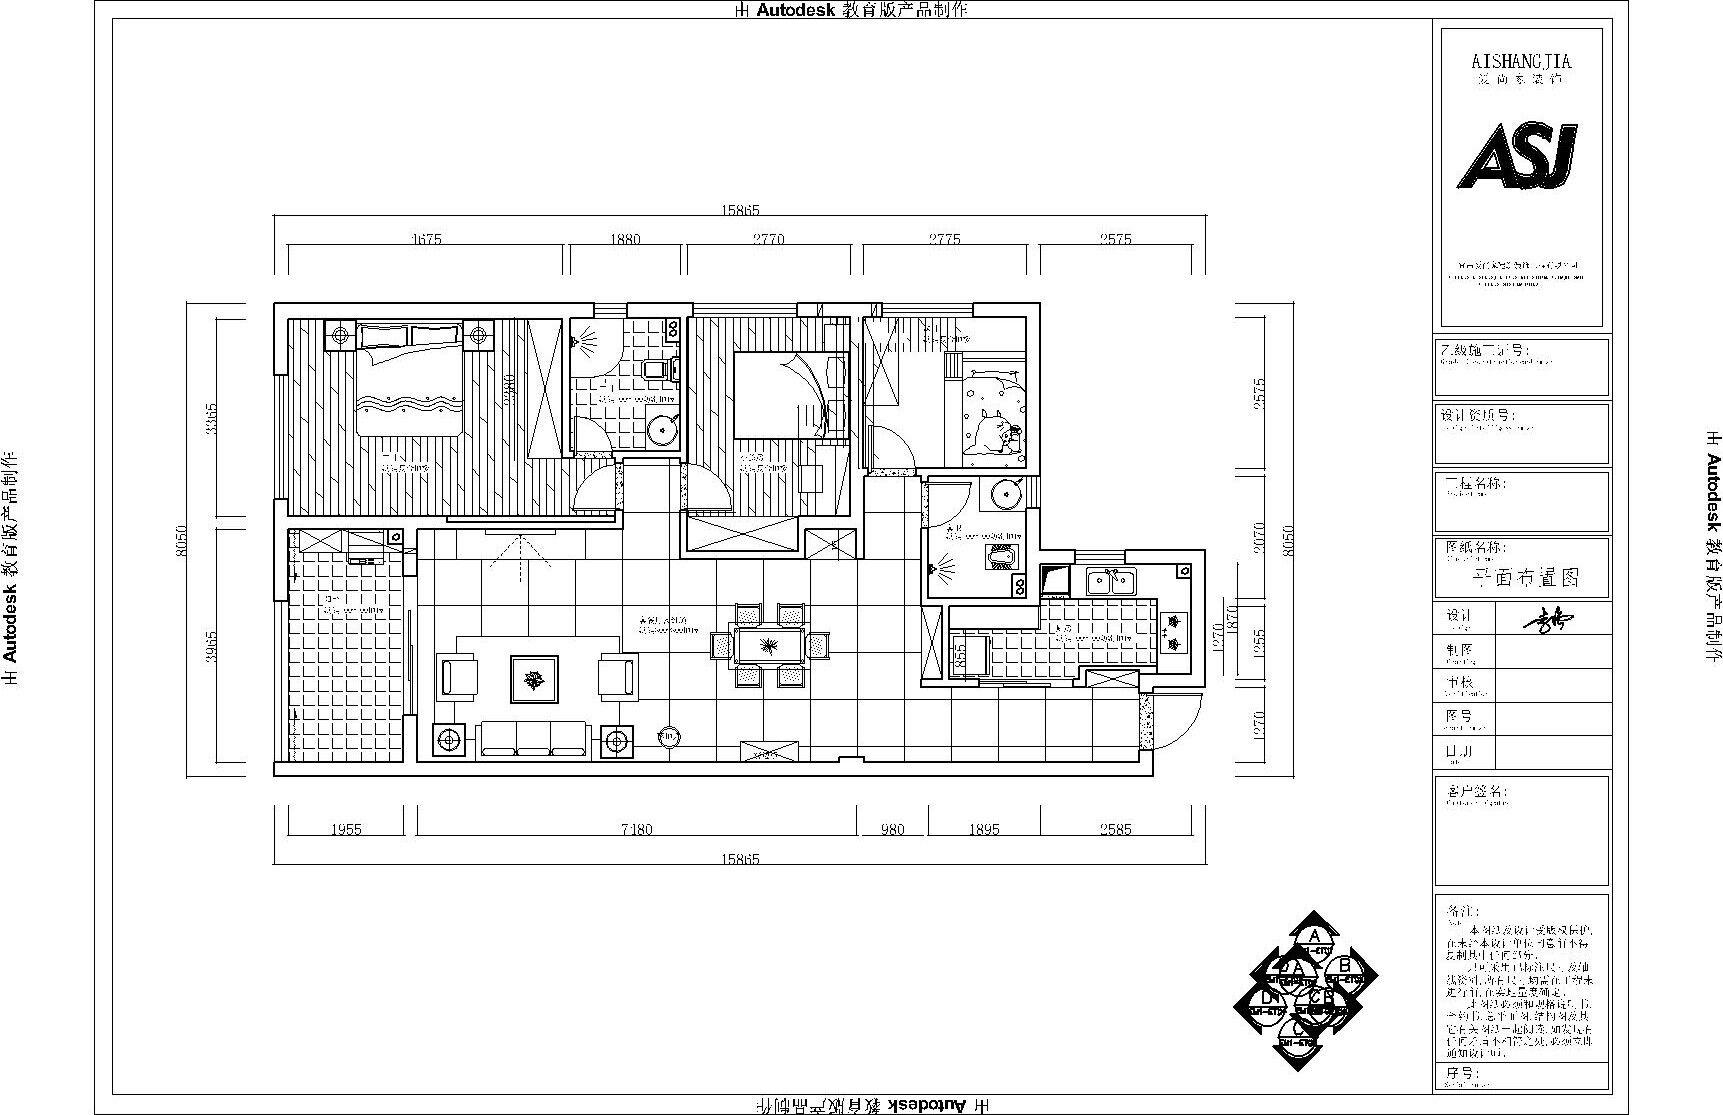 因为有三房需求,所以可改结构不多。考虑到次卧空间不够的问题,设计师将次卧靠近餐厅的墙体推出一部分改做了衣柜,瞬间增大了次卧空间;同时面对餐厅的这一侧设计了一个酒柜,装饰实用两不误。另外,设计师改动了两个卫生间门的位置,使平面布局上更合理。